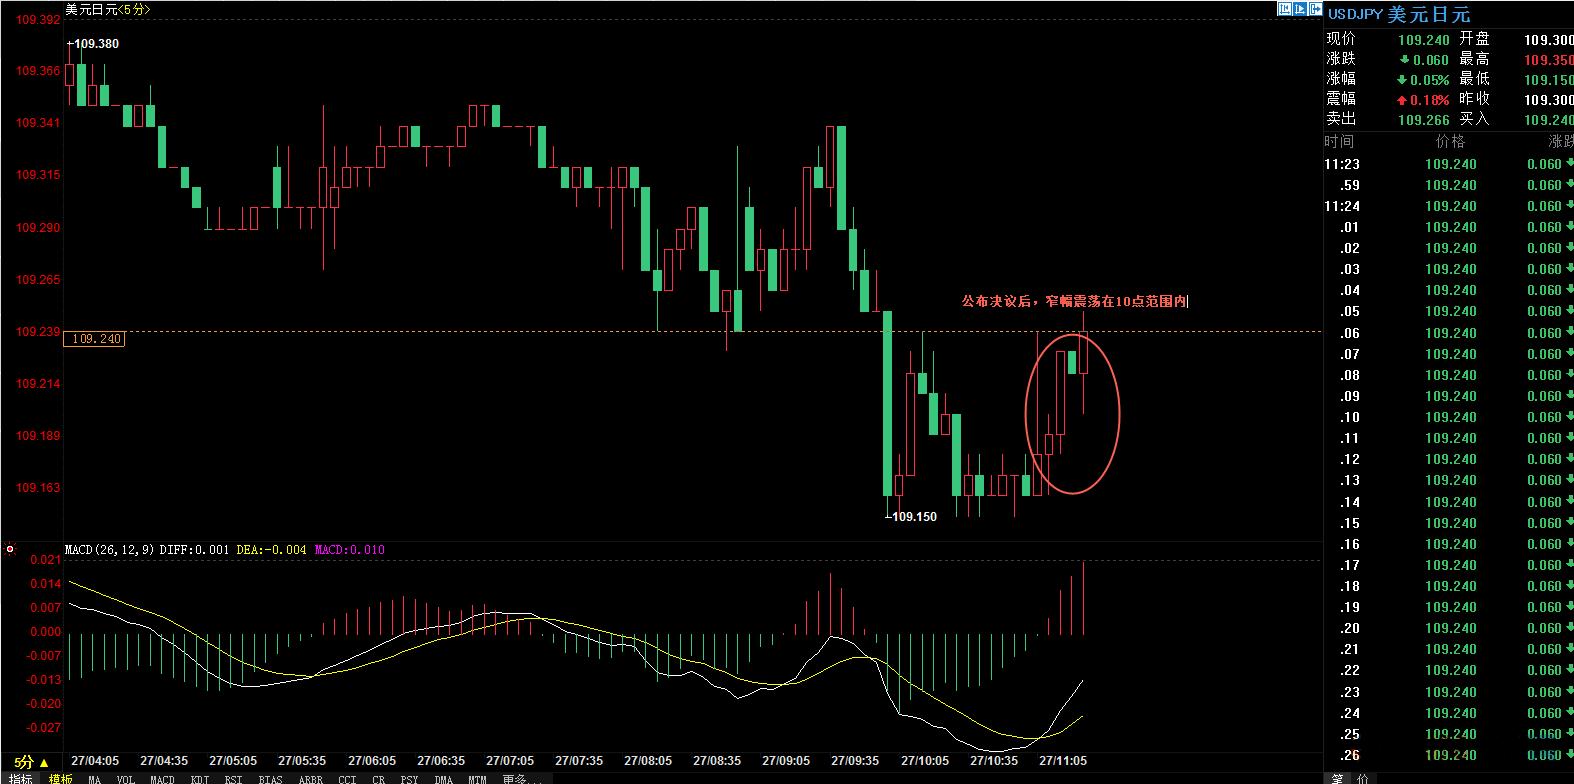 日银决议移除通胀目标时间 数据不佳日元反弹或有限